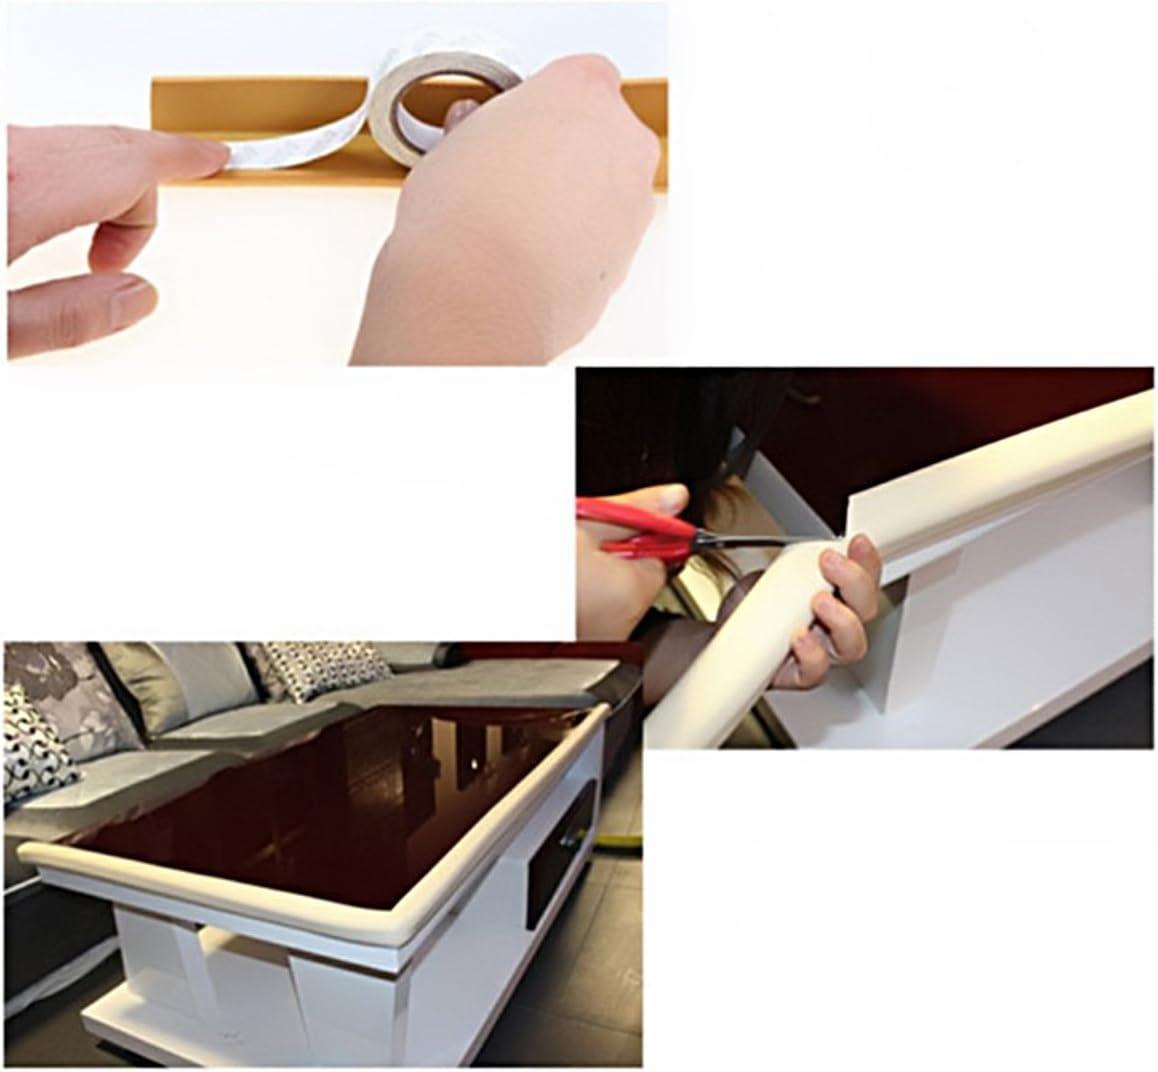 weiche ungiftig 2M LEORX Tabelle Guard Sto/ßstange Strip Baby Kantenschutz rosa